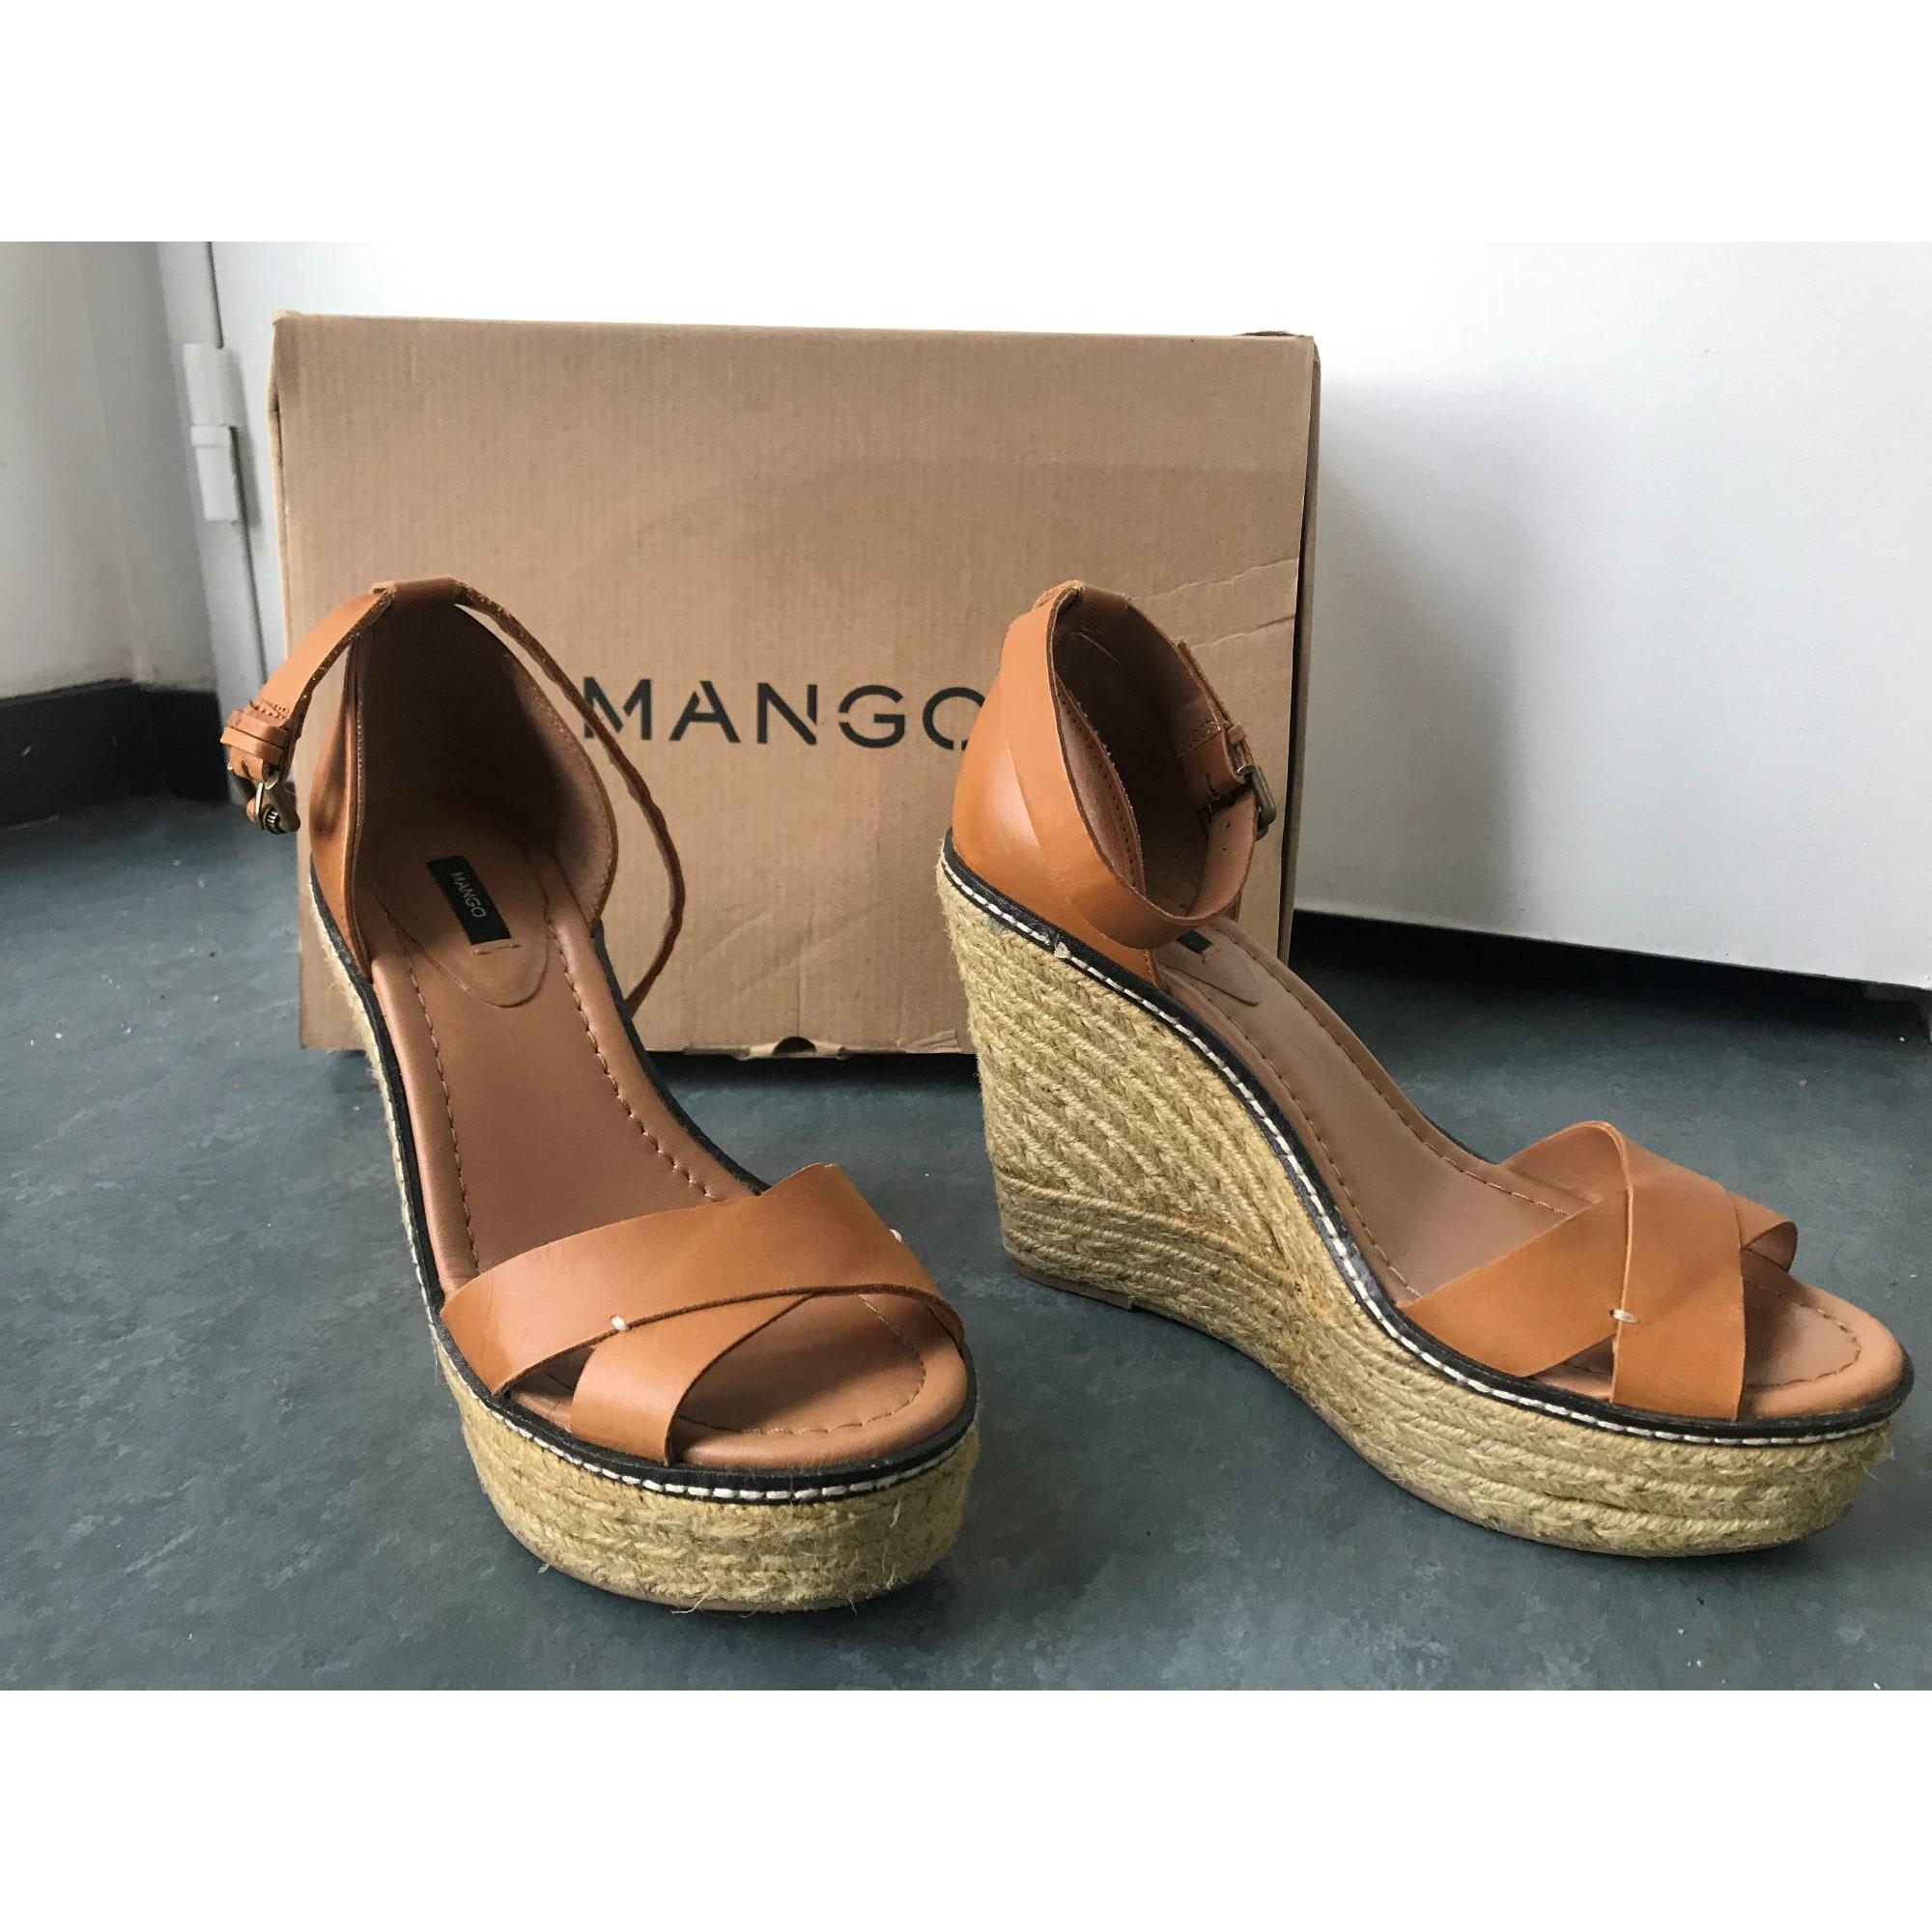 596b55752a696b Sandales compensées MANGO 39 beige - 8363037